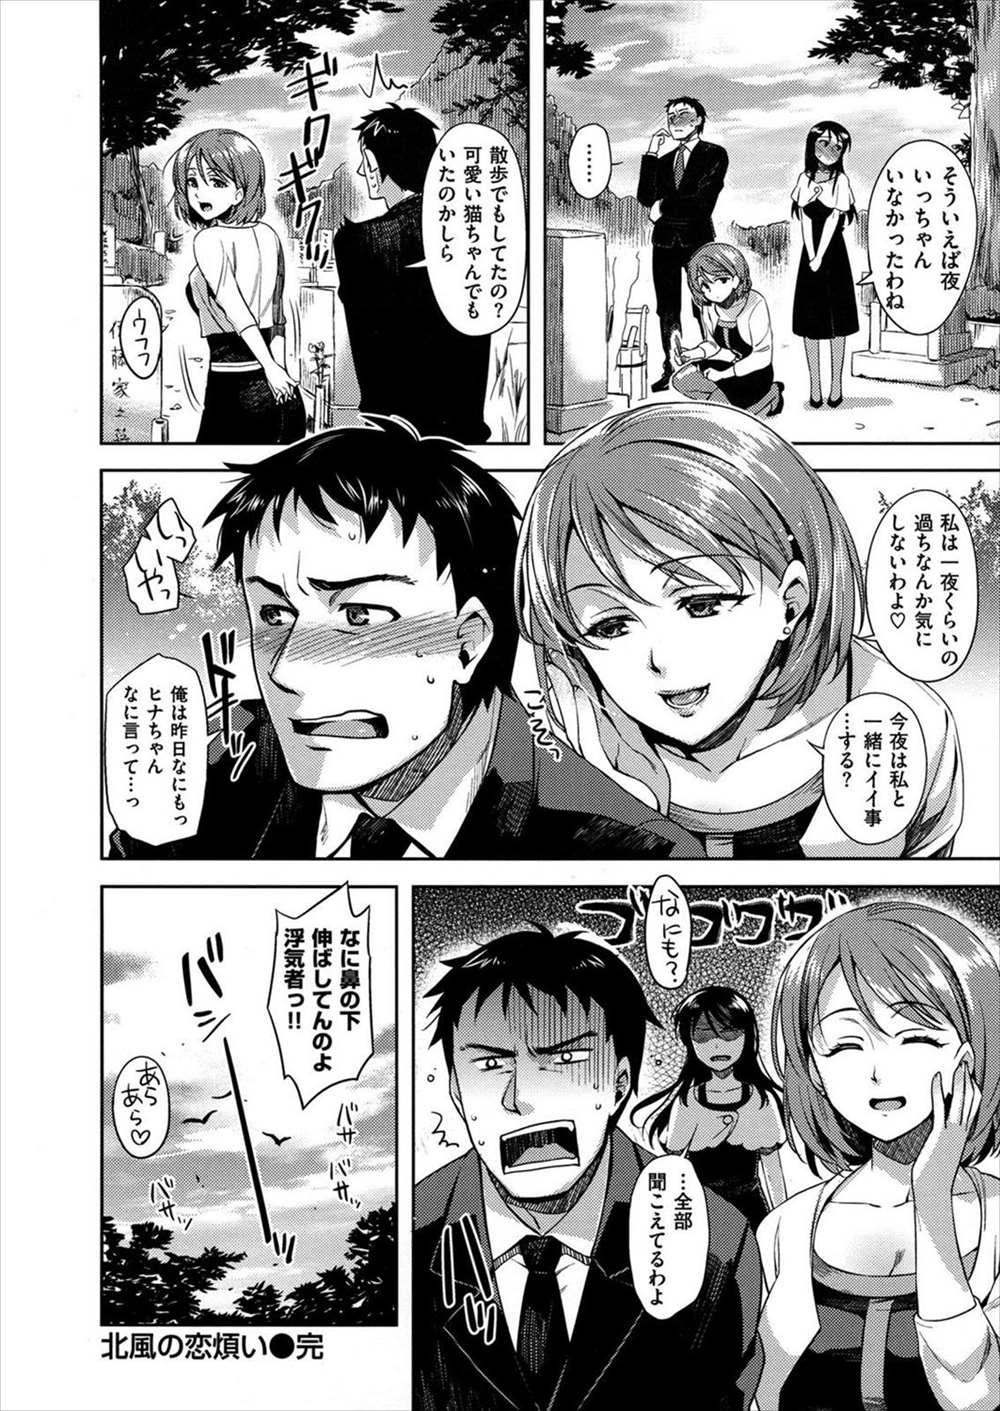 【エロ漫画】親戚の男を姉に取られるくらいなら押し倒して既成事実をつくる妹wwww